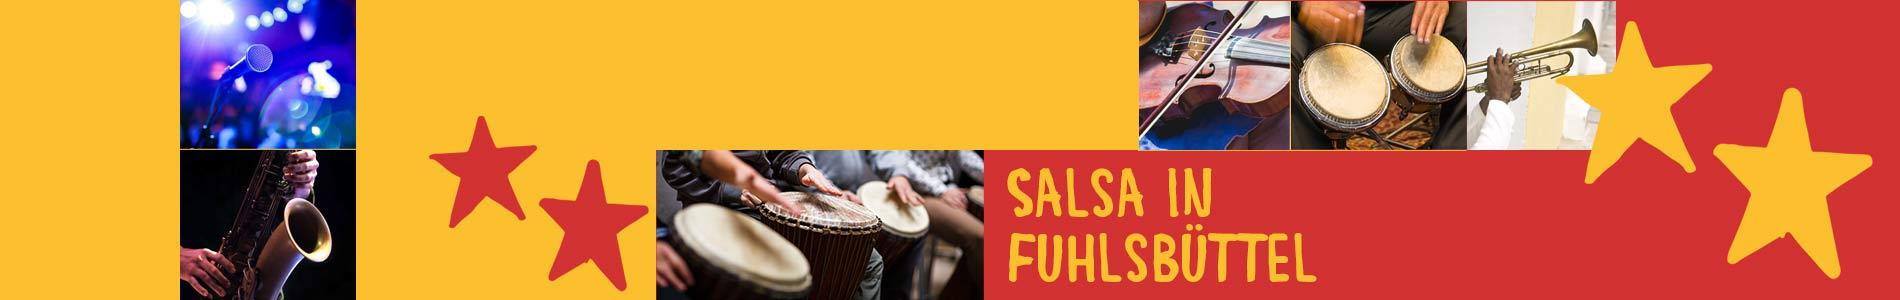 Salsa in Fuhlsbüttel – Salsa lernen und tanzen, Tanzkurse, Partys, Veranstaltungen